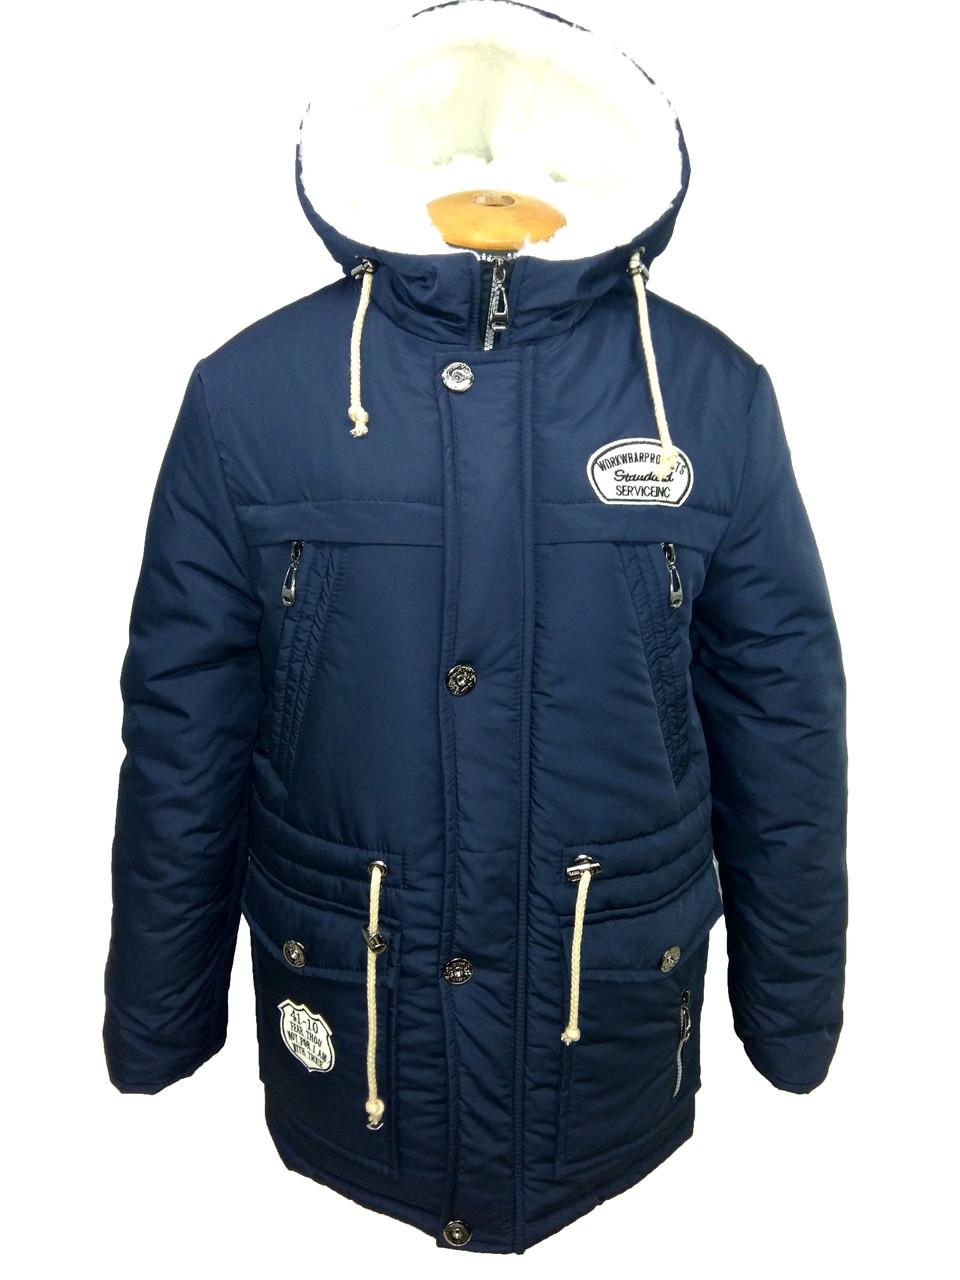 9916aa8dbe6 Куртка зимняя с капюшоном на мальчика парка 3304 - Магазин детской одежды